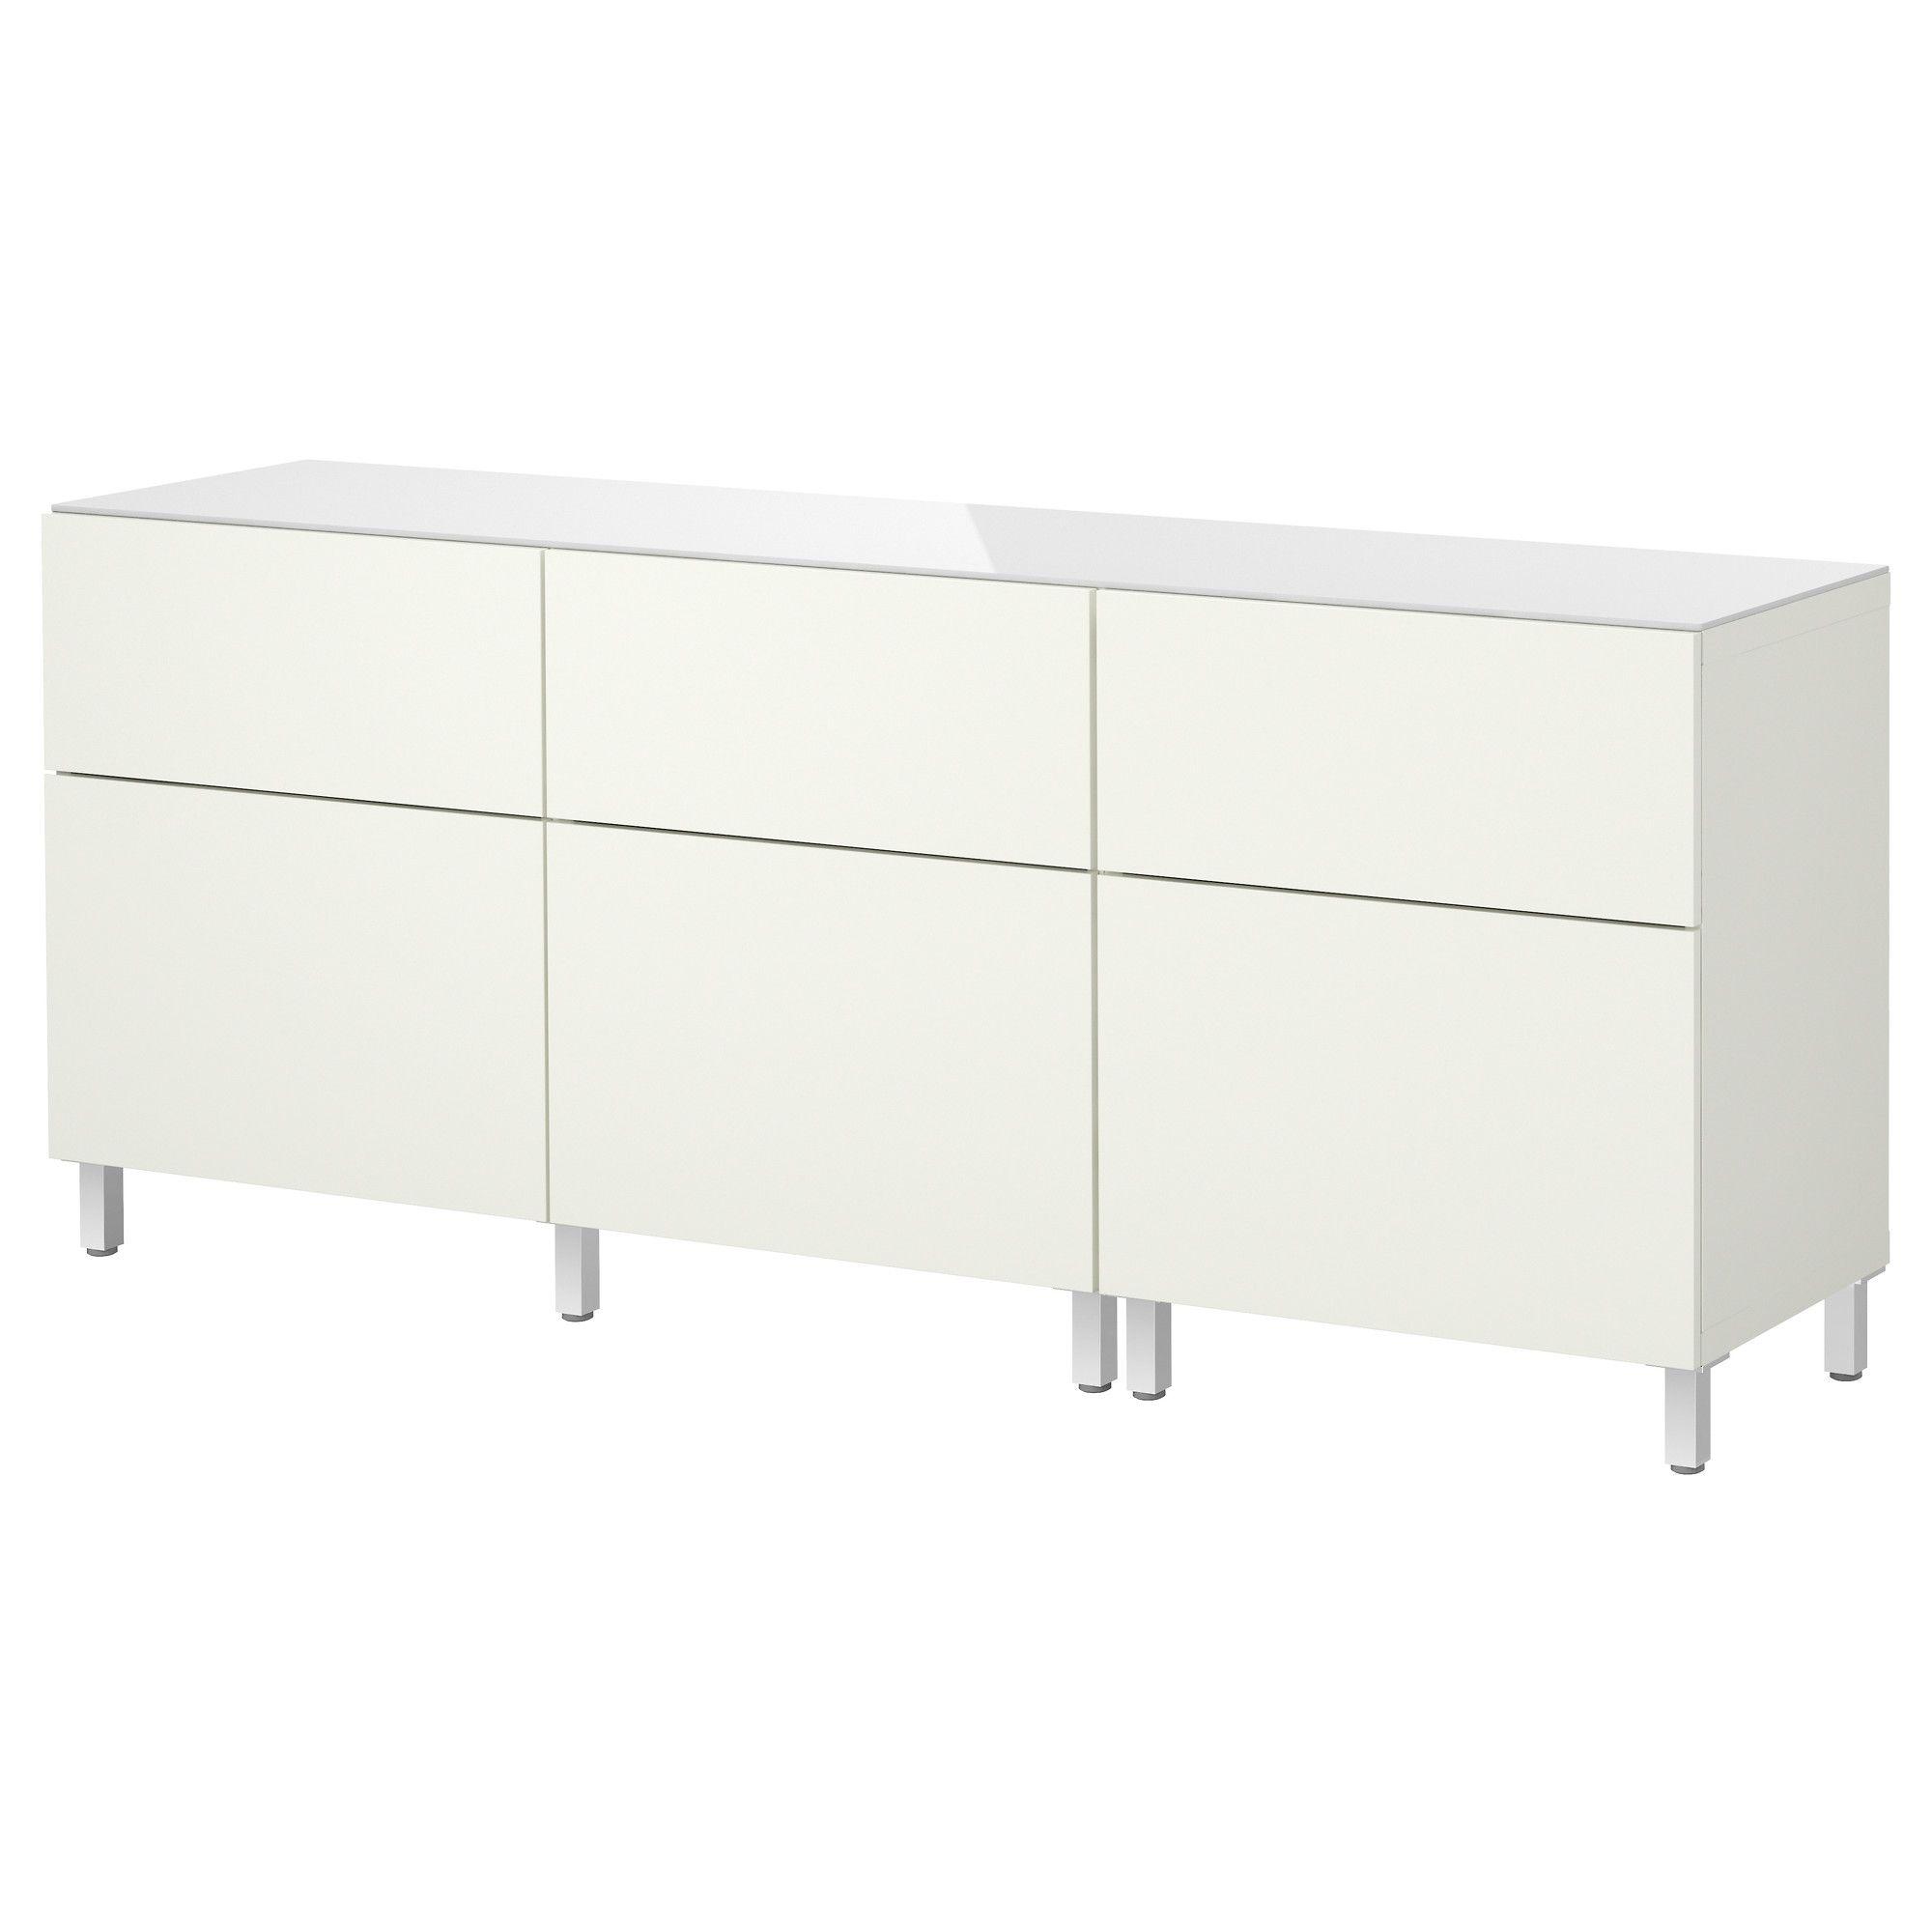 BESTÅ Opbevaringskom døre/skuffer - hvid/højglans hvid - IKEA